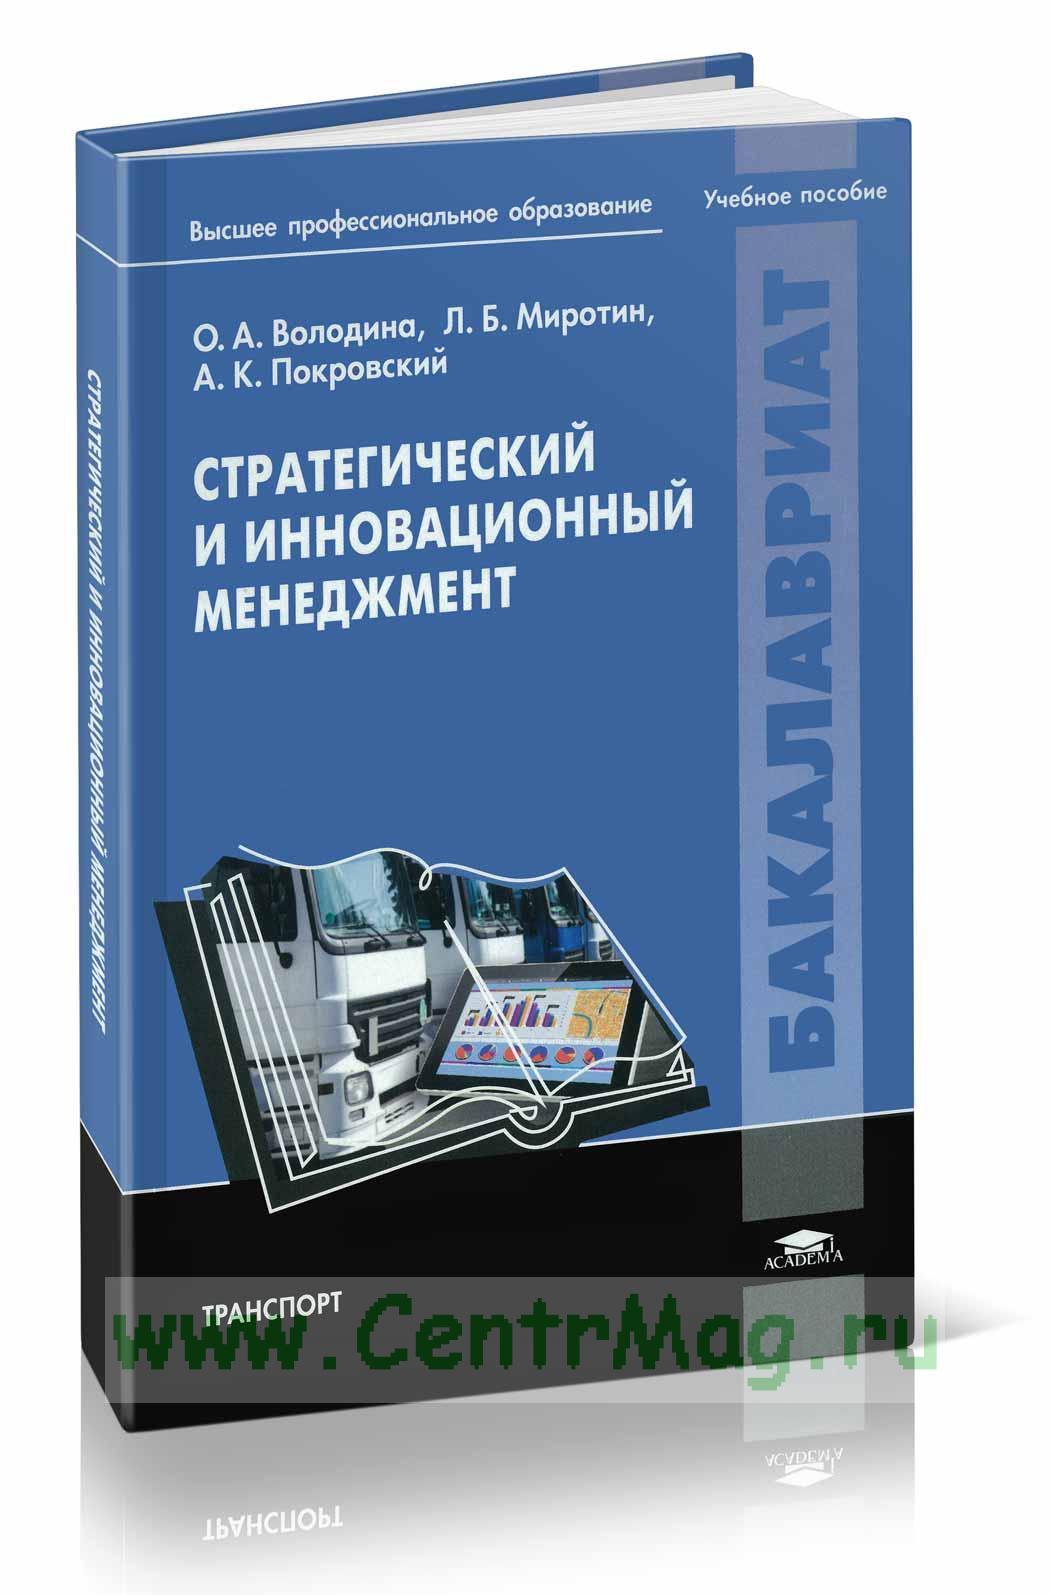 Стратегический и инновационный менеджмент: учебное пособие